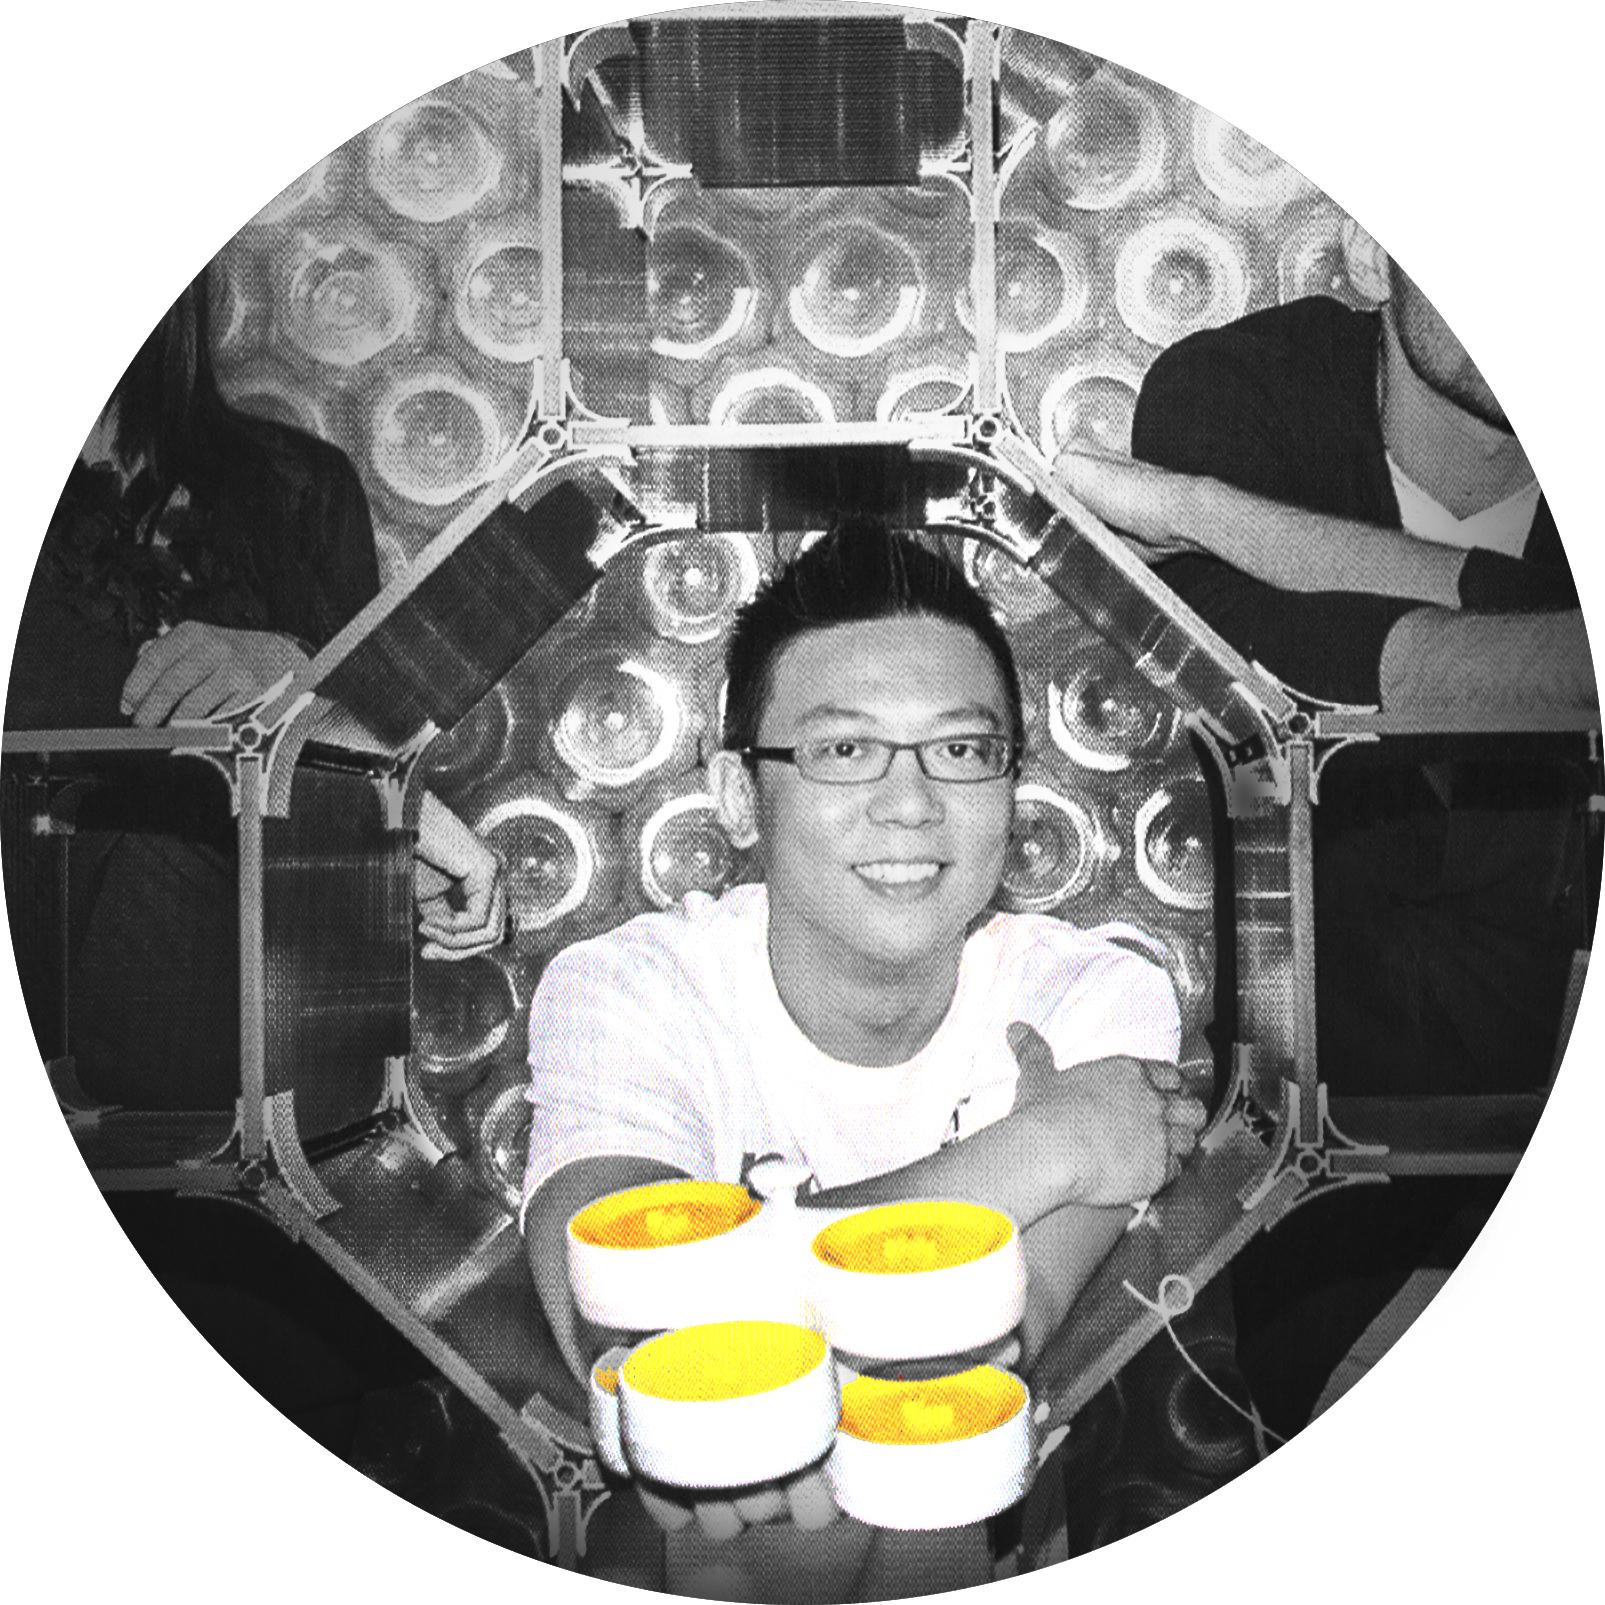 張詠竣 EDDIE CHANG / CHIEF MAGIC FINGER OFFICER /  product development     eddiechang@huemondesign.com     www.eddiechangdesign.com